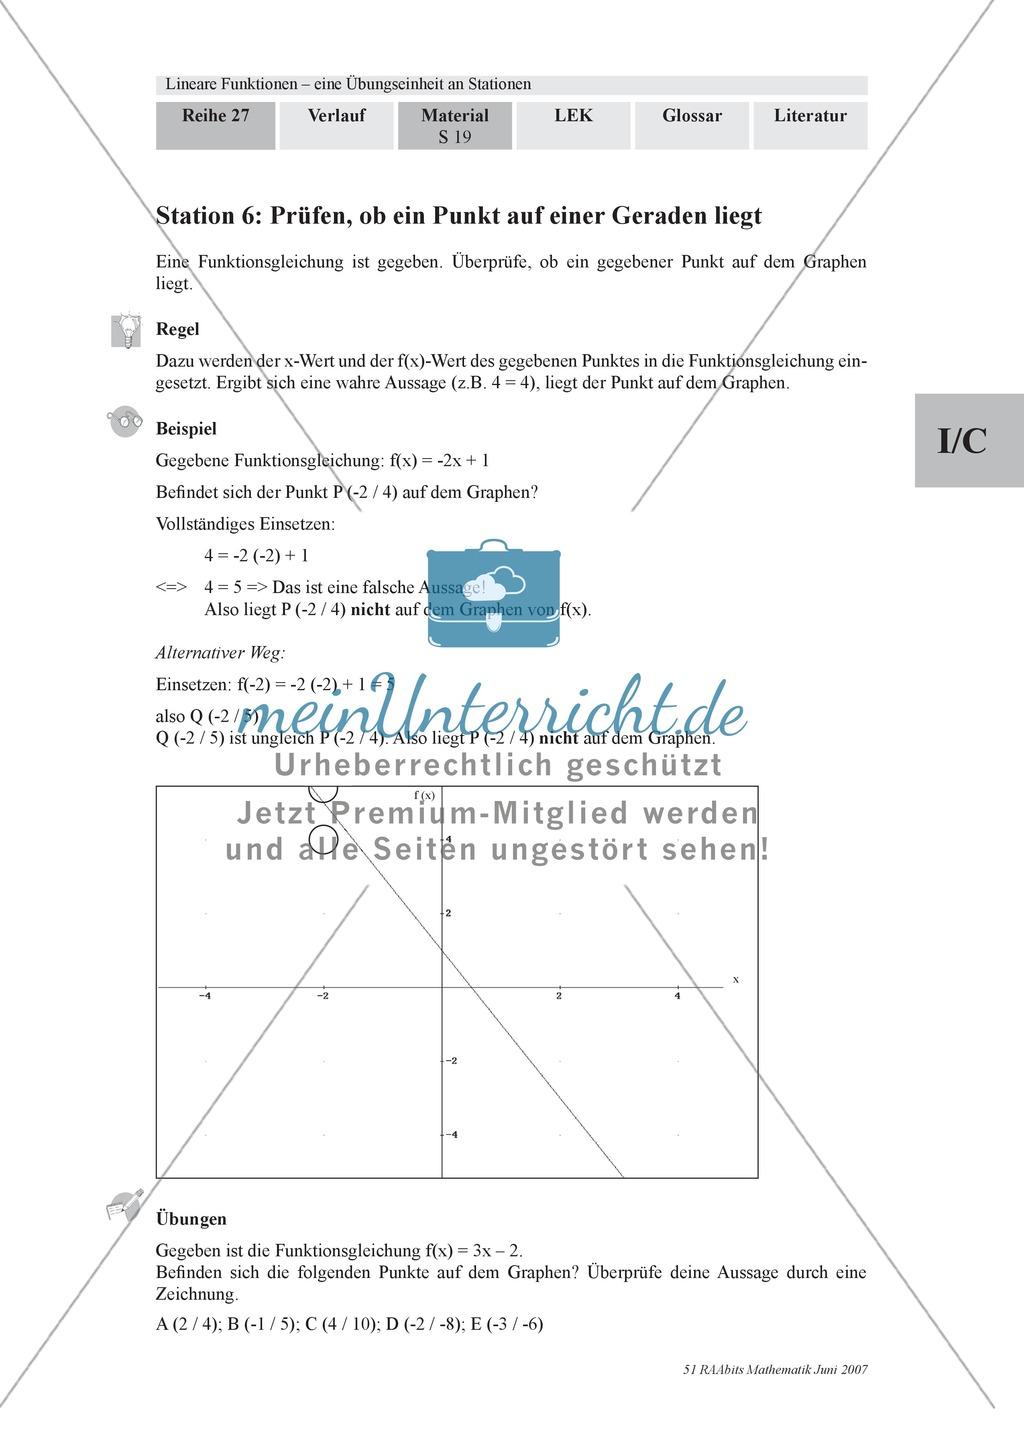 Linear Funktionen: Festigung und Wiederholung wichtiger ...